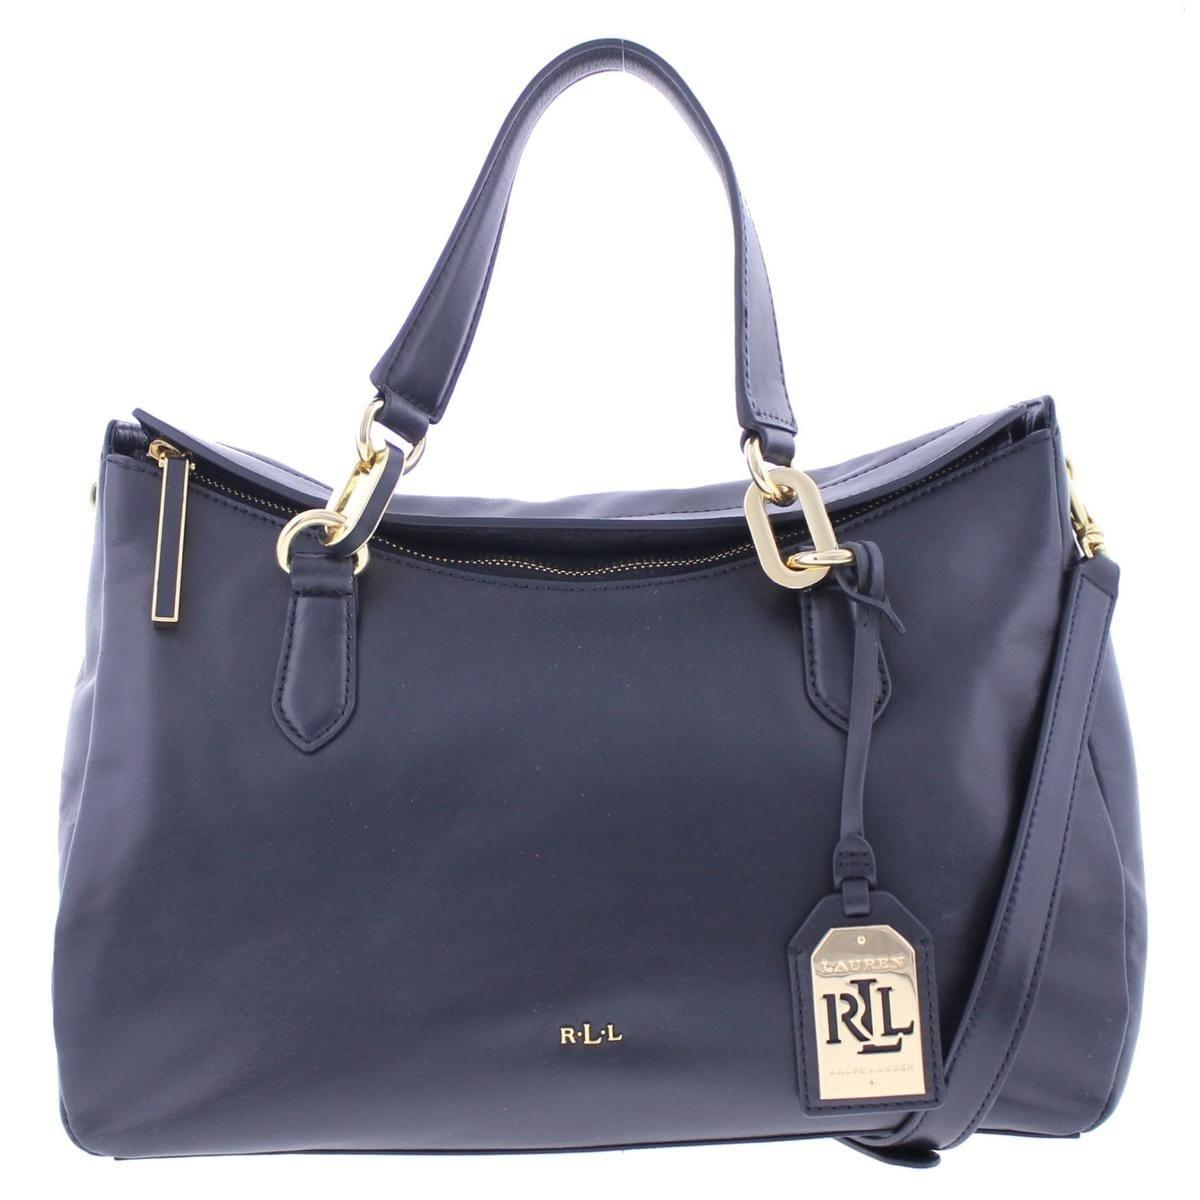 san francisco 3ce53 2e4c4 lauren ralph lauren dryden marcy handbag ... 56de6b77d327a